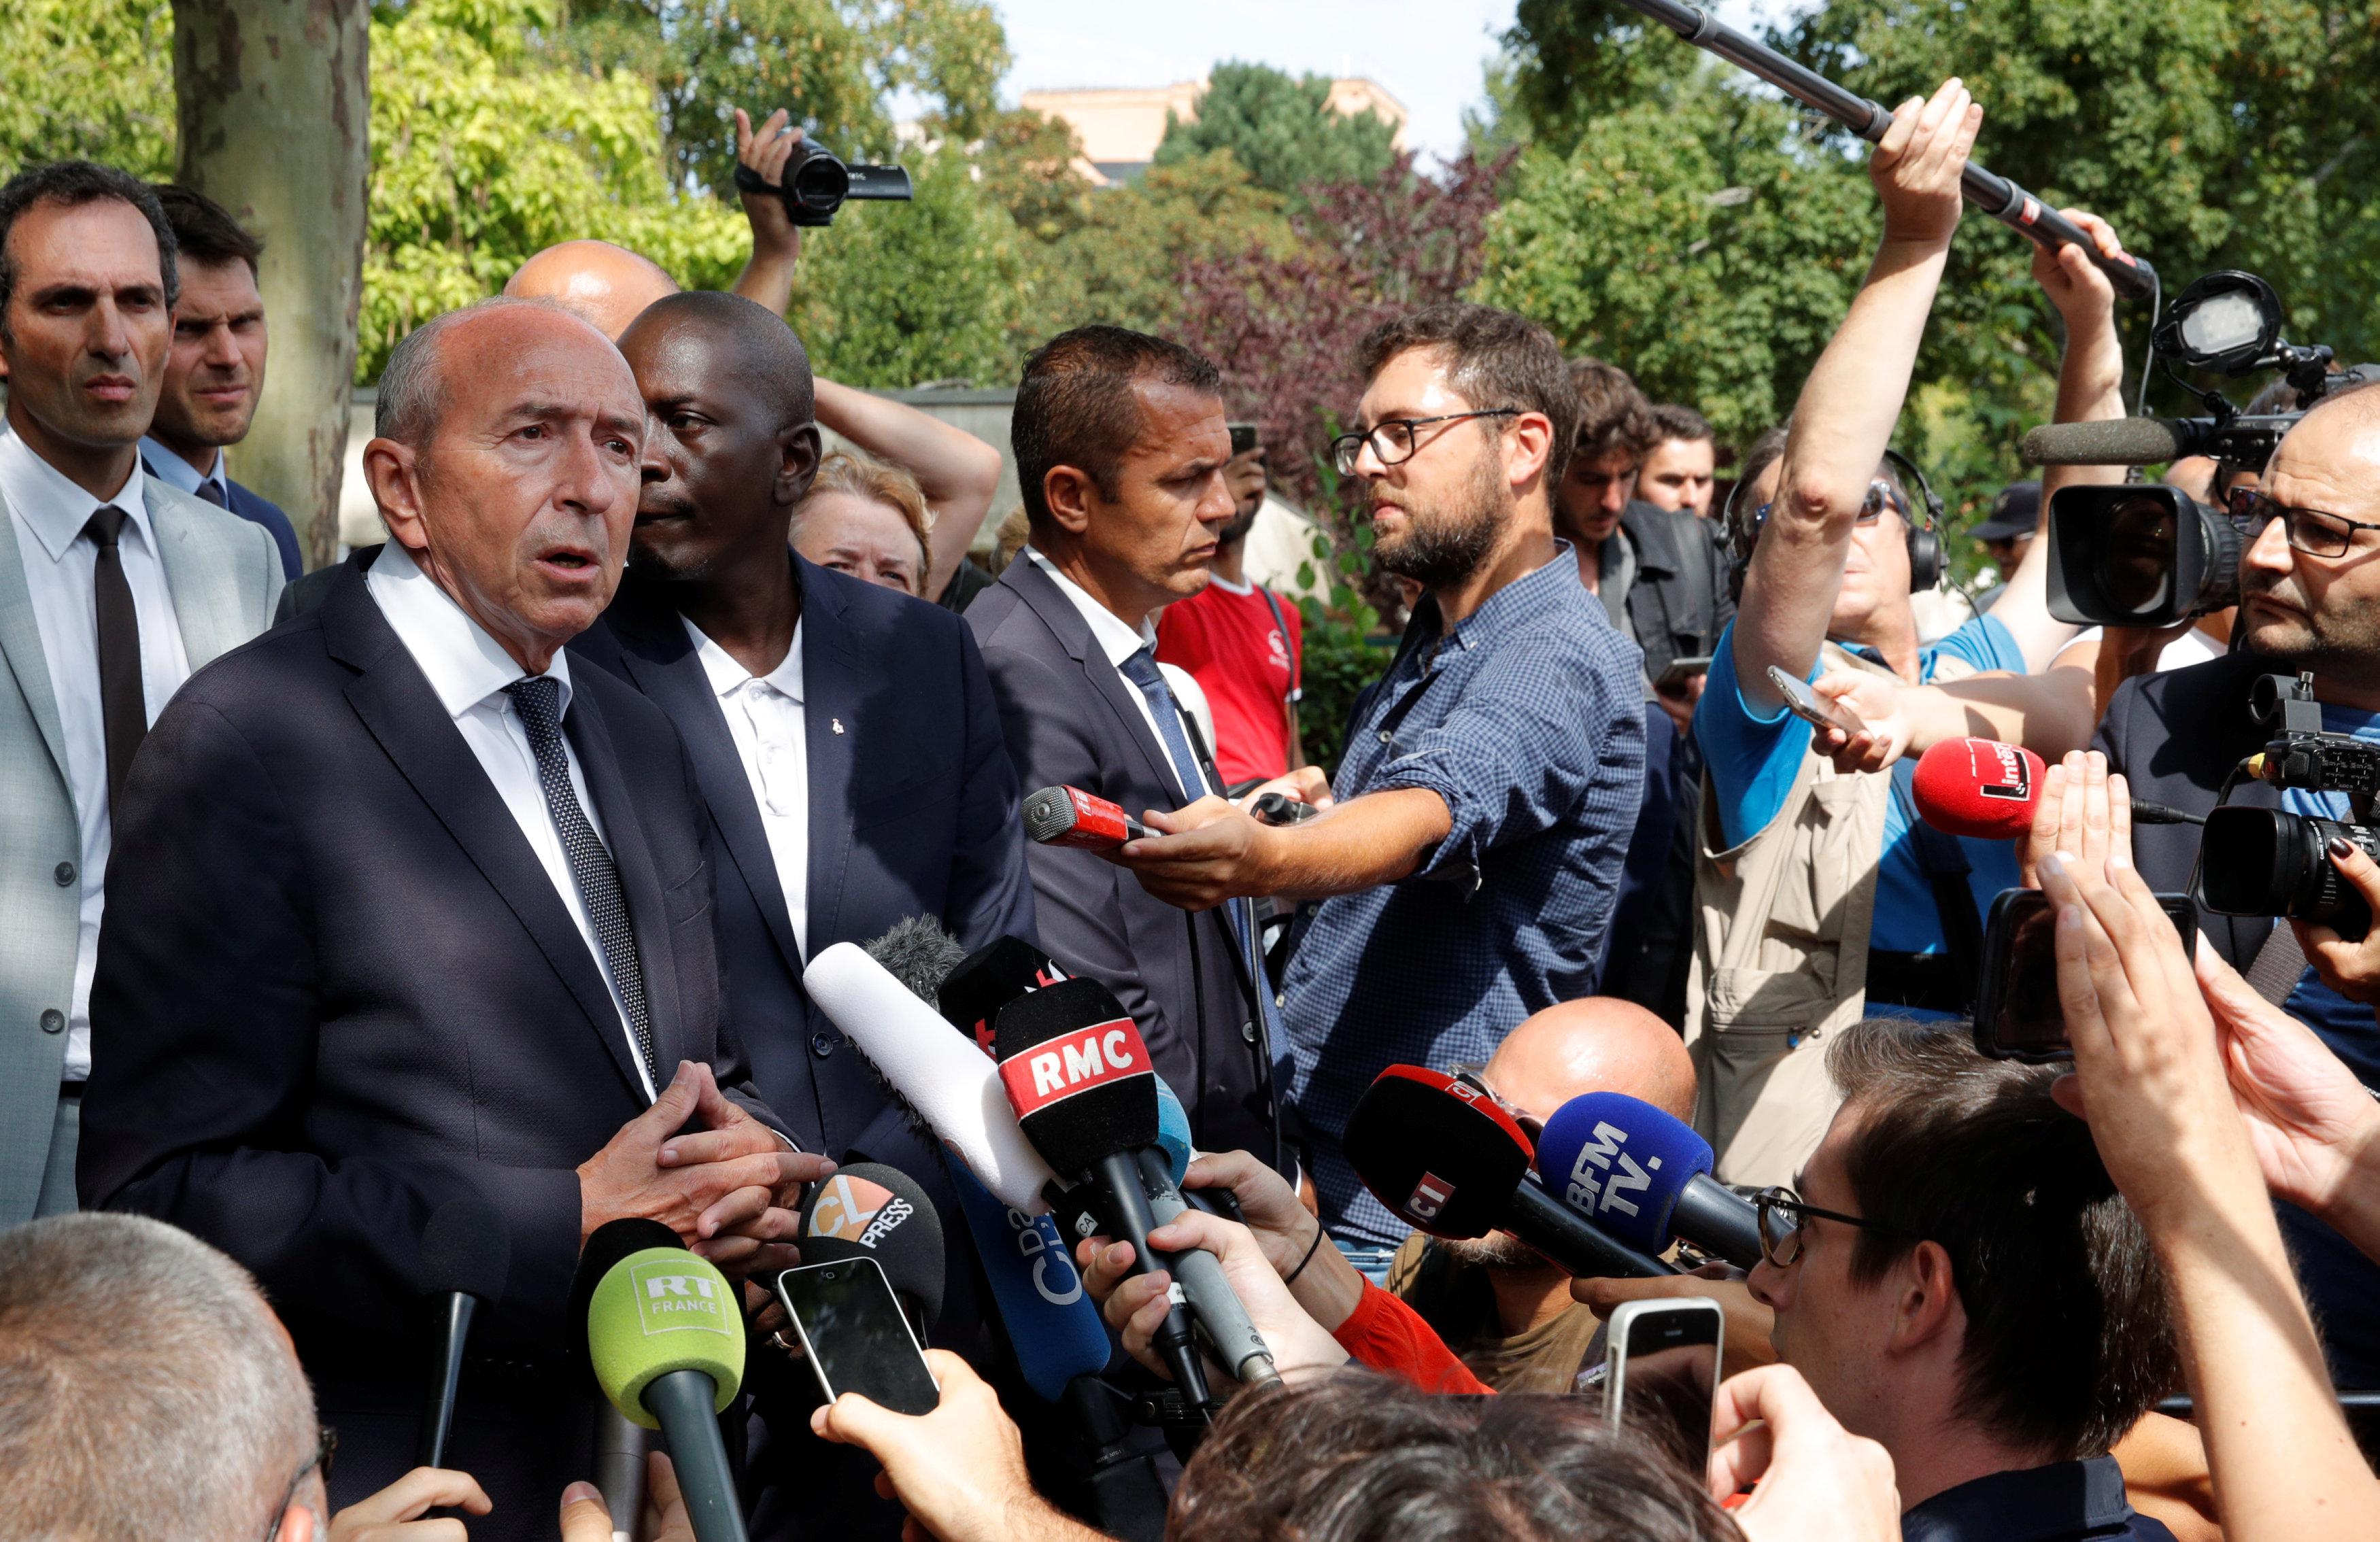 وزير الداخلية الفرنسي جيرارد كولومب يتحدث إلى الصحفيين  بالقرب من مكان الحادث